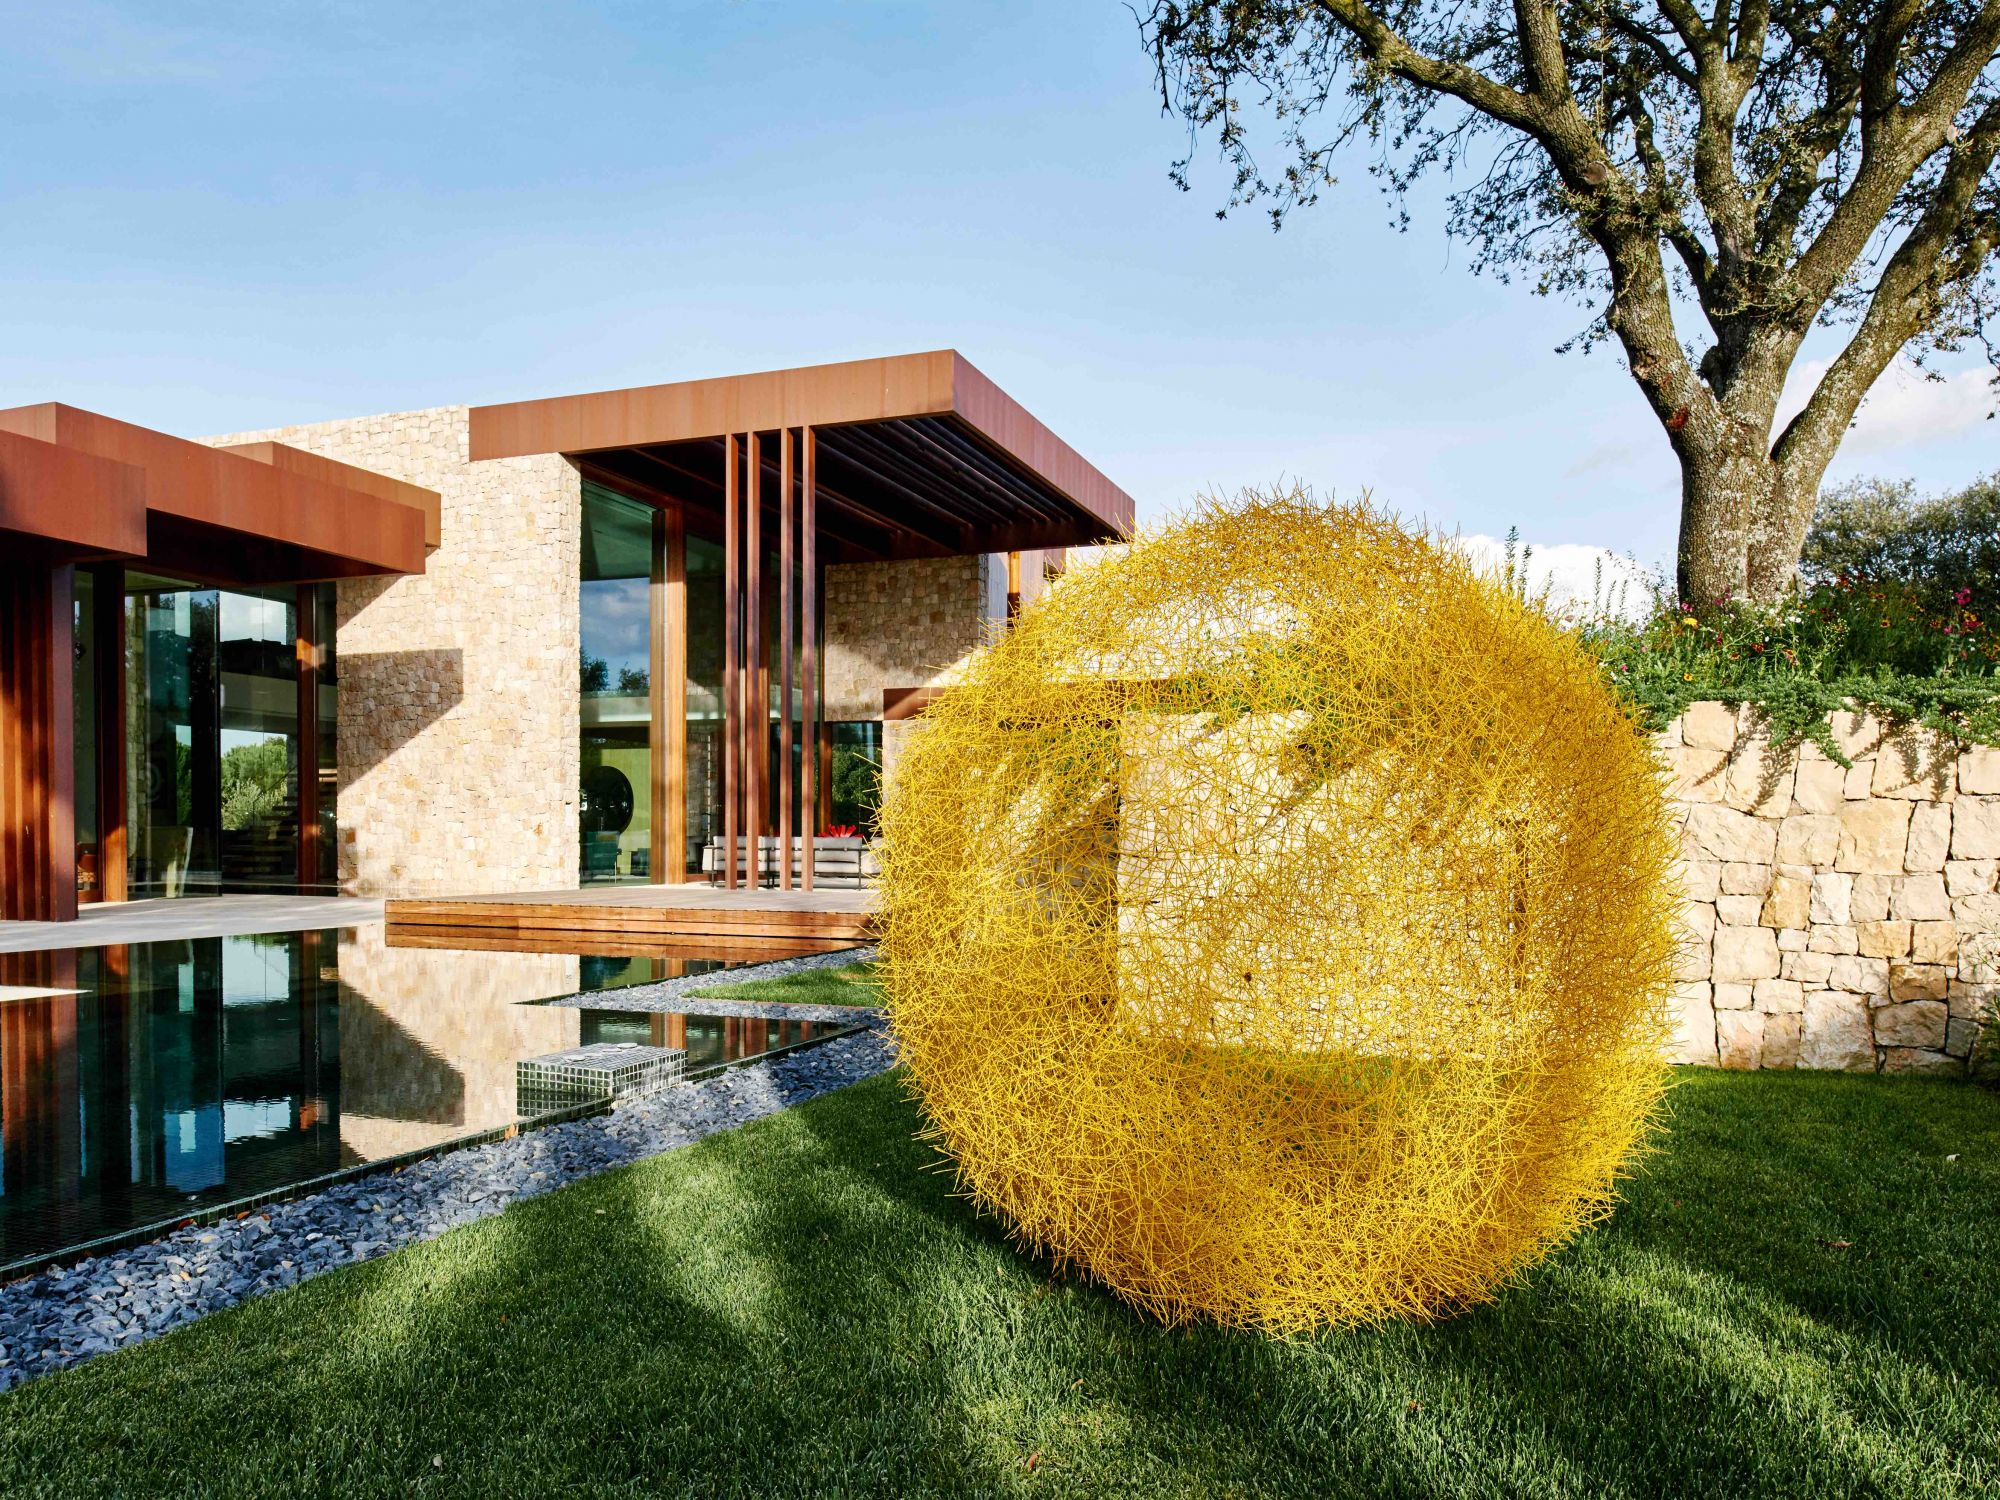 Casa diseñada por Ramon Esteve en Madrid En el jardín,escultura de aceroinoxidable pintadodel colombianoRicardo Cárdenas.